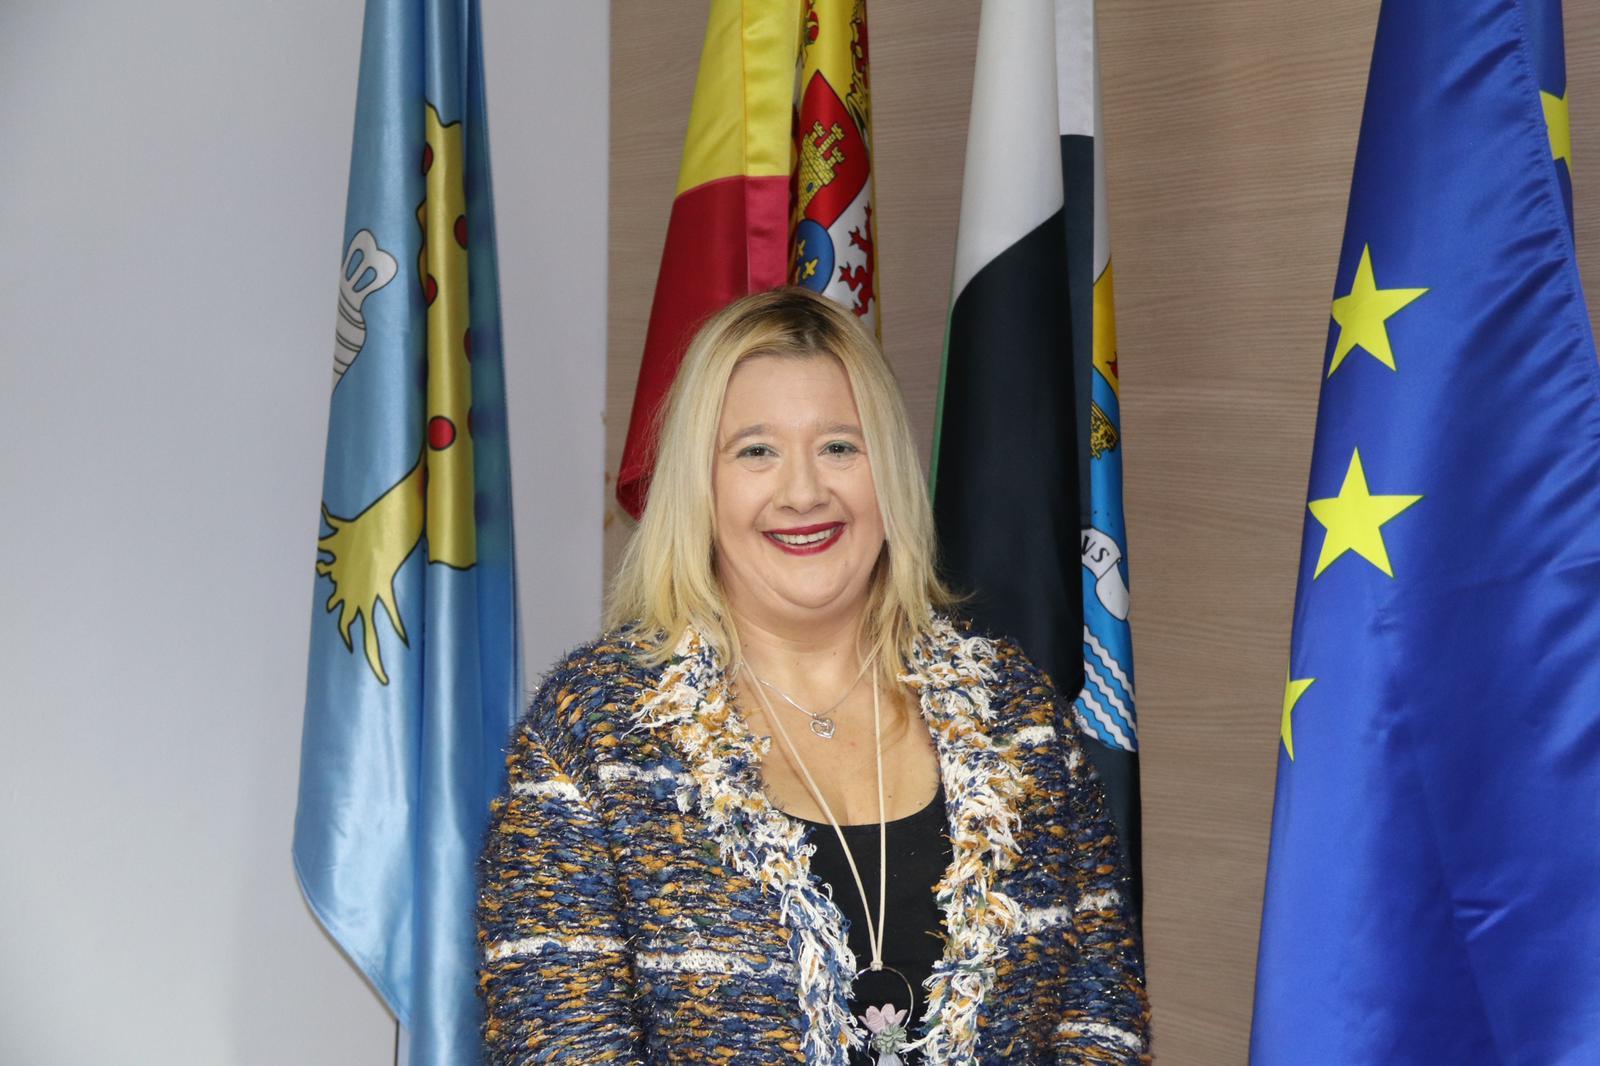 Maria Luz Martínez González